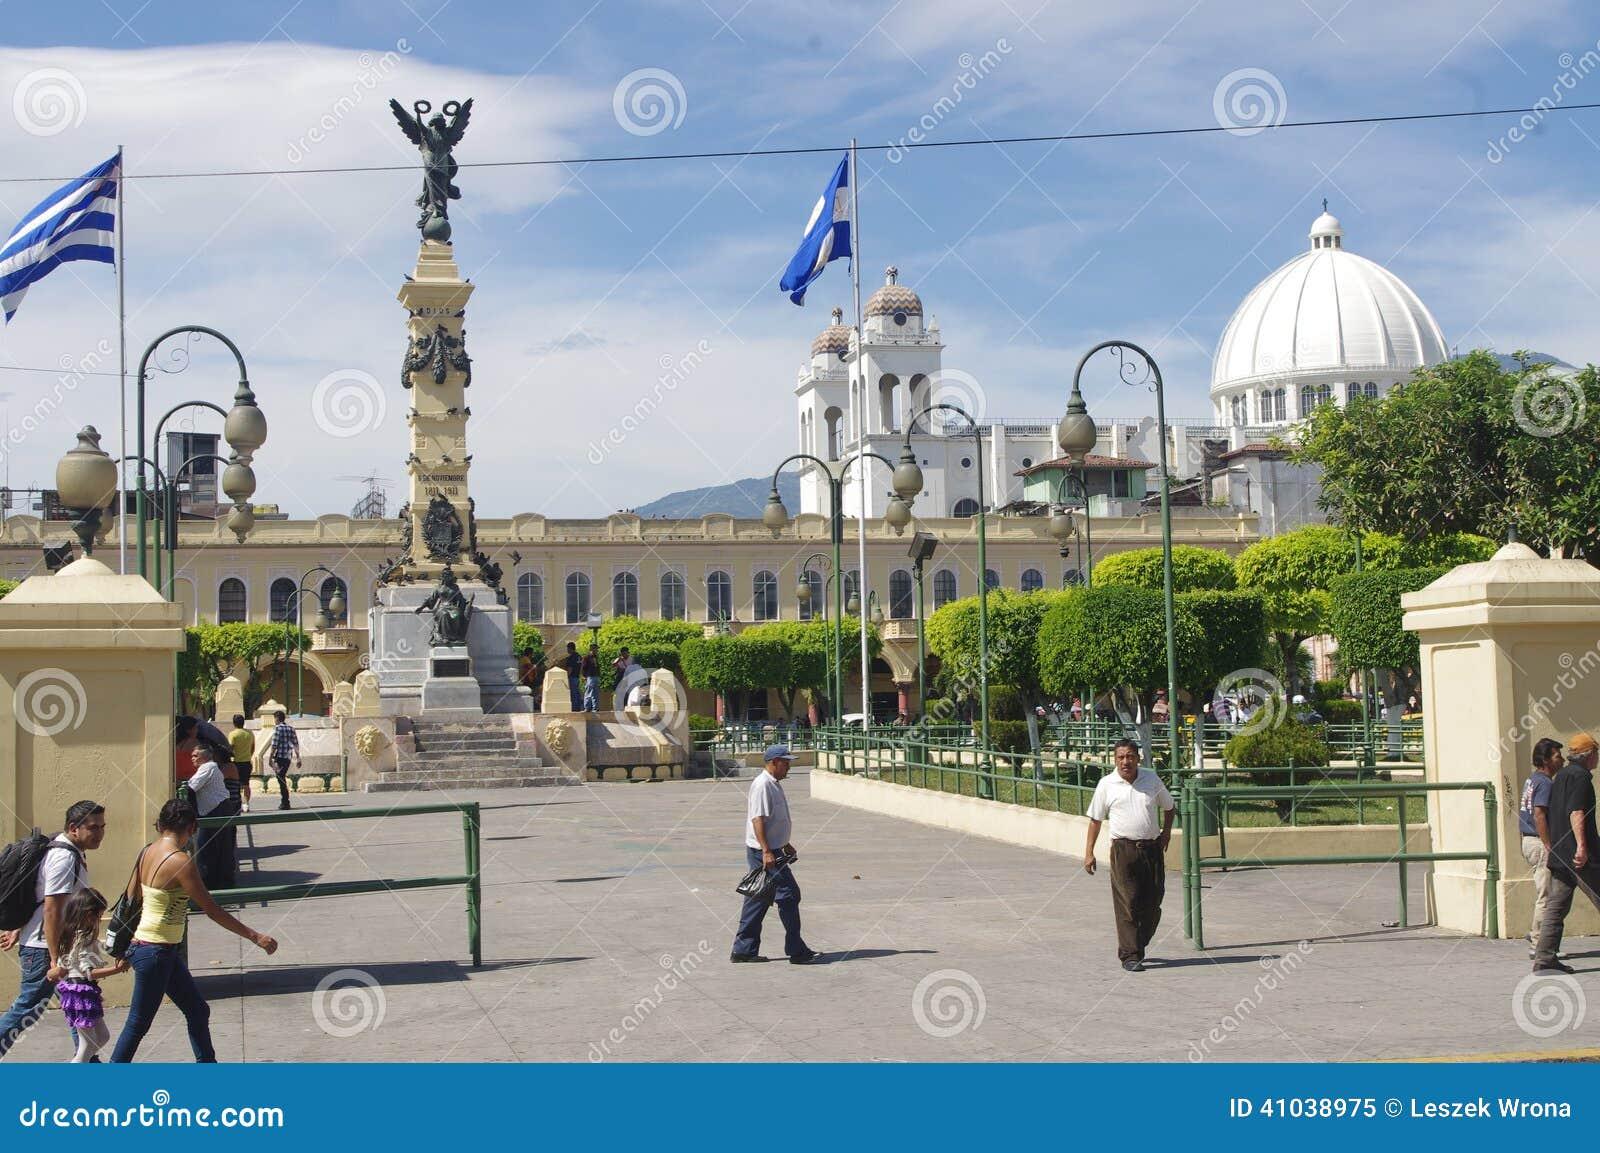 La Libertad Plaza in San Salvador